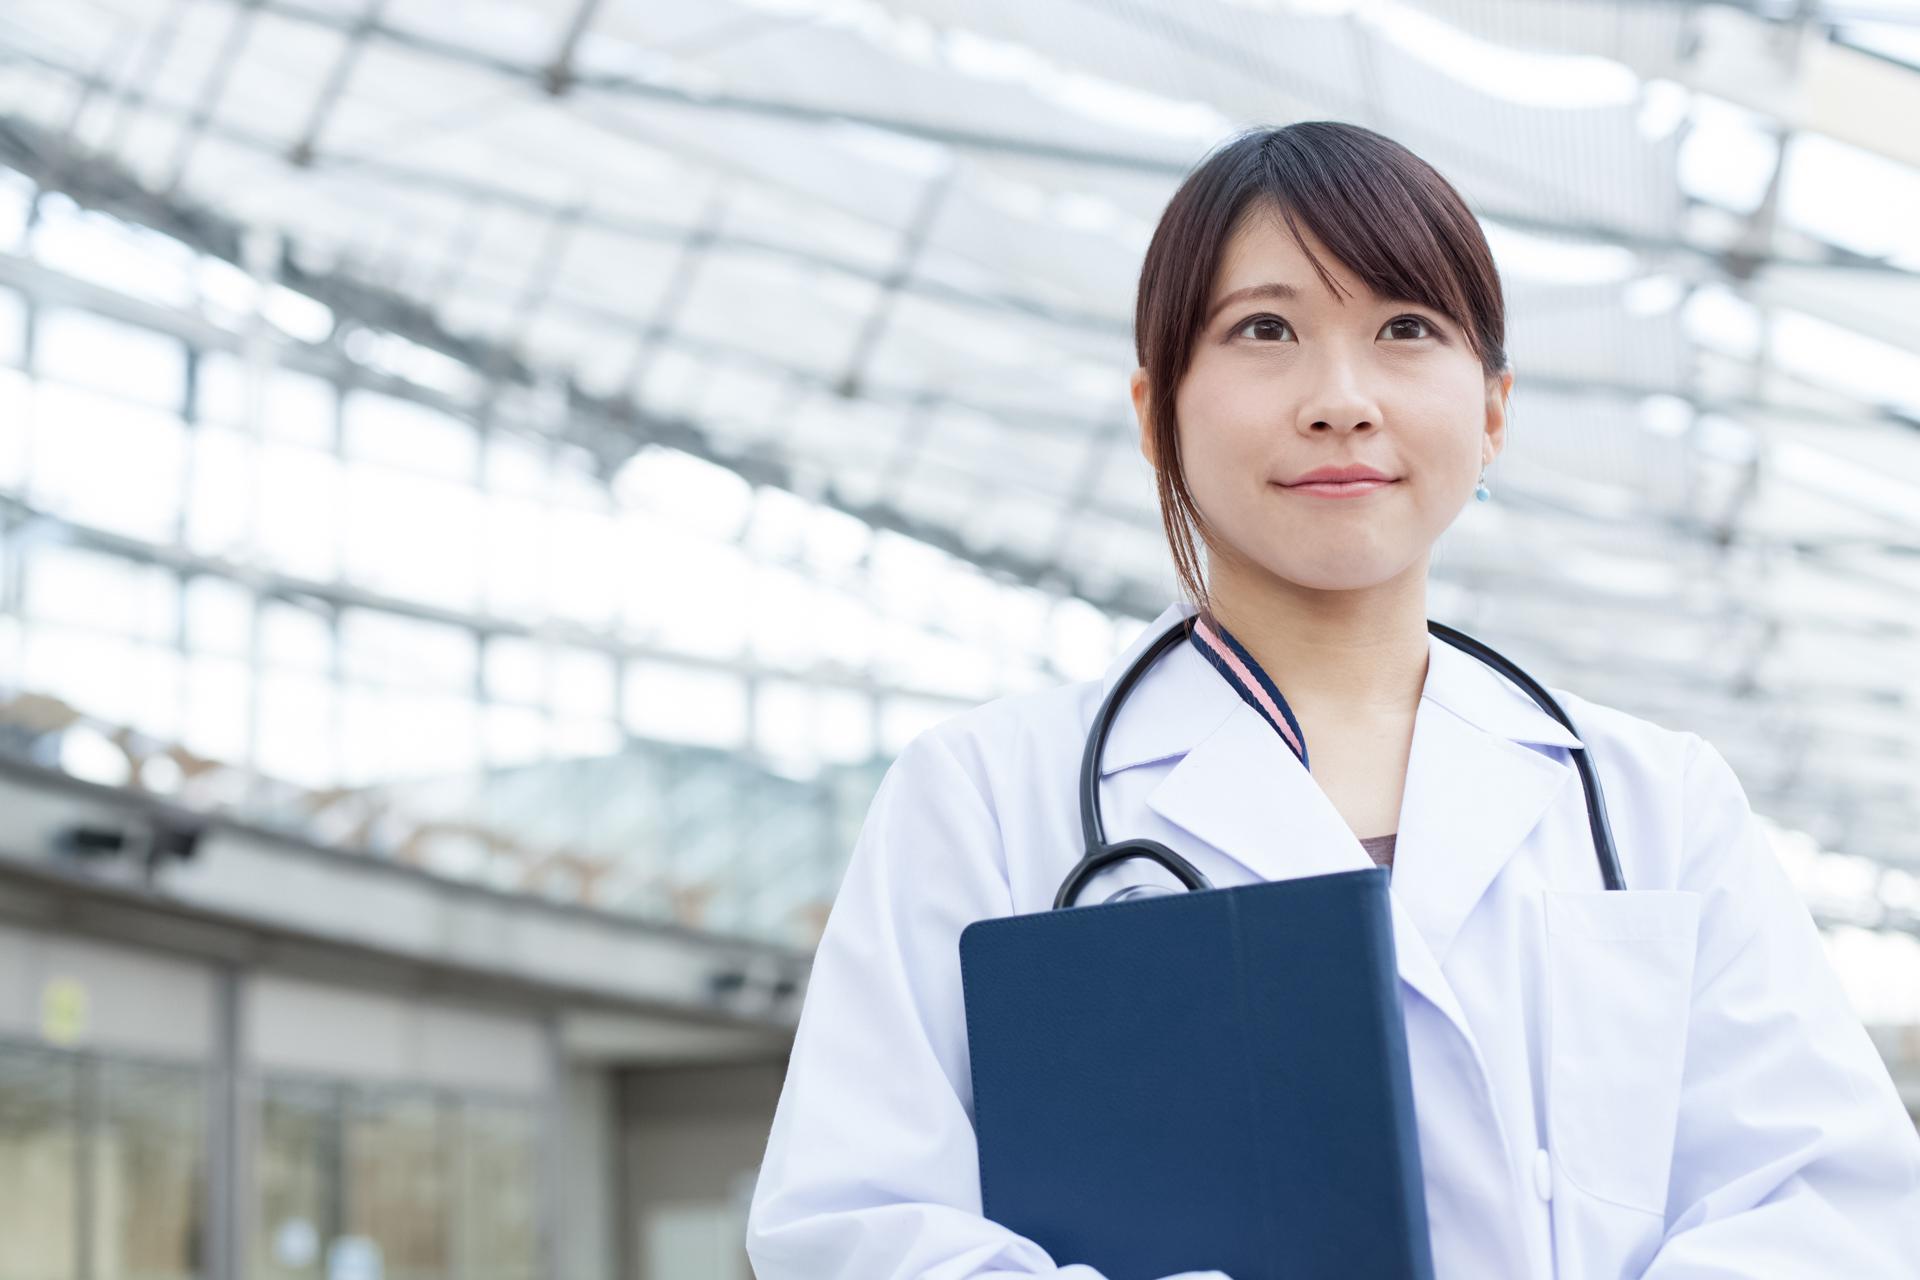 モデルに白衣を着てもらって女医さんイメージ